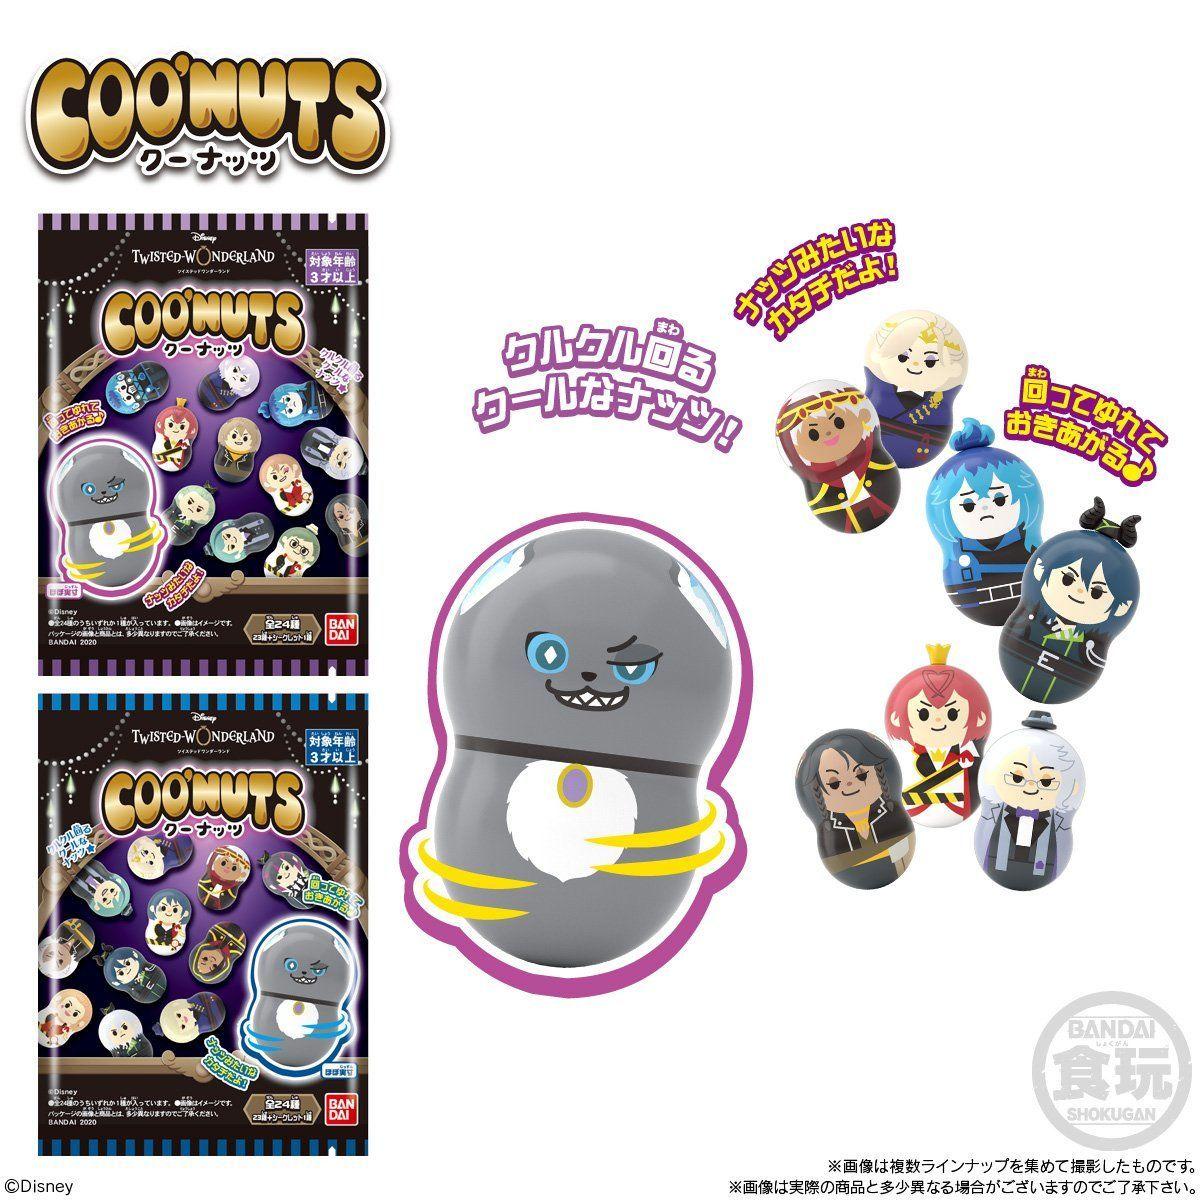 【食玩】ツイステ『Coo'nuts Twisted Wonderland』20個入りBOX-002